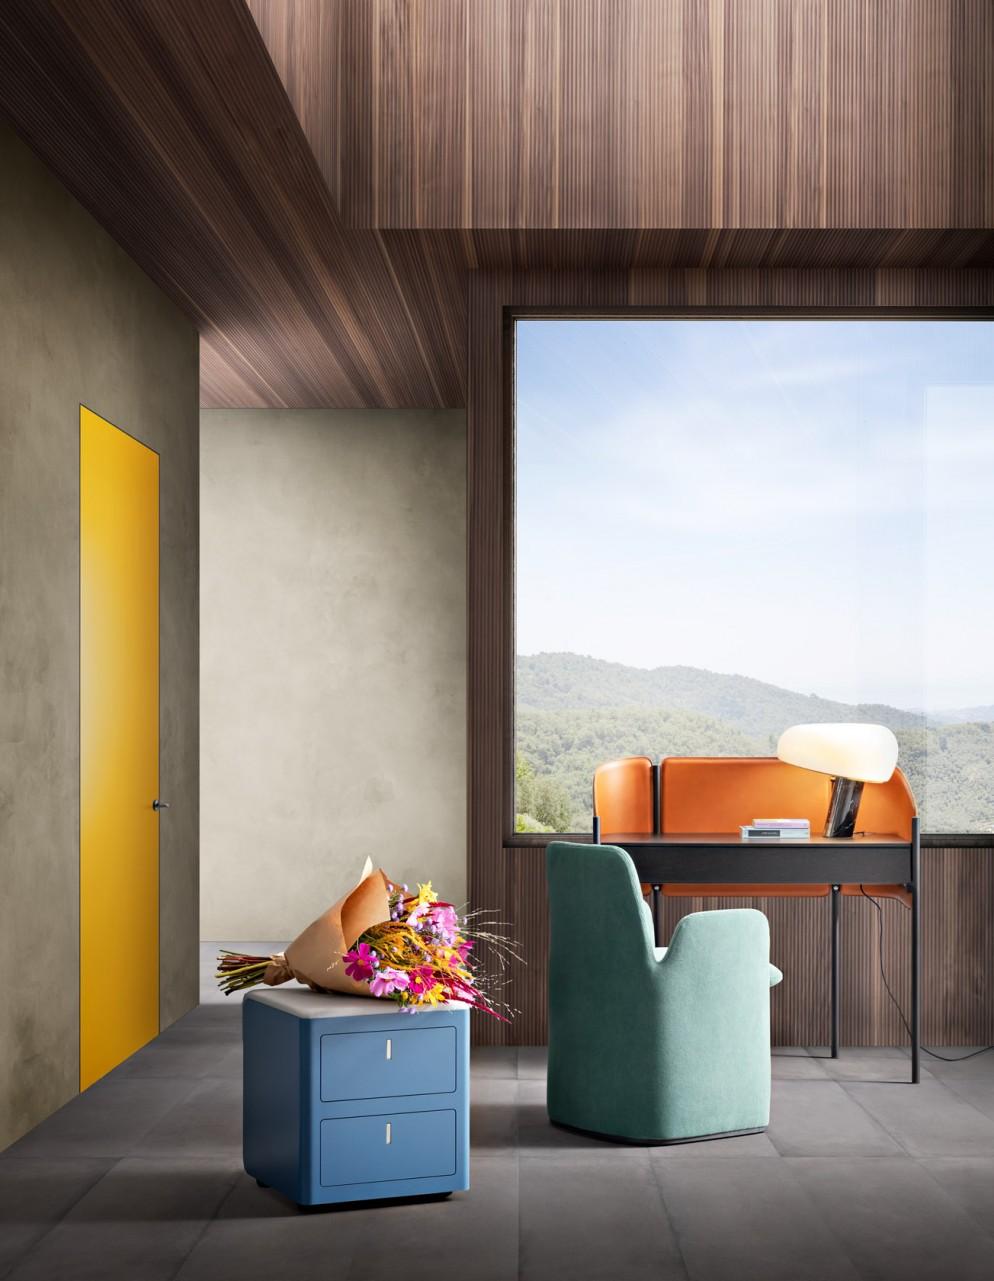 idee-arredare-casa-lampade-divani-sedie-letti-poltrone-06